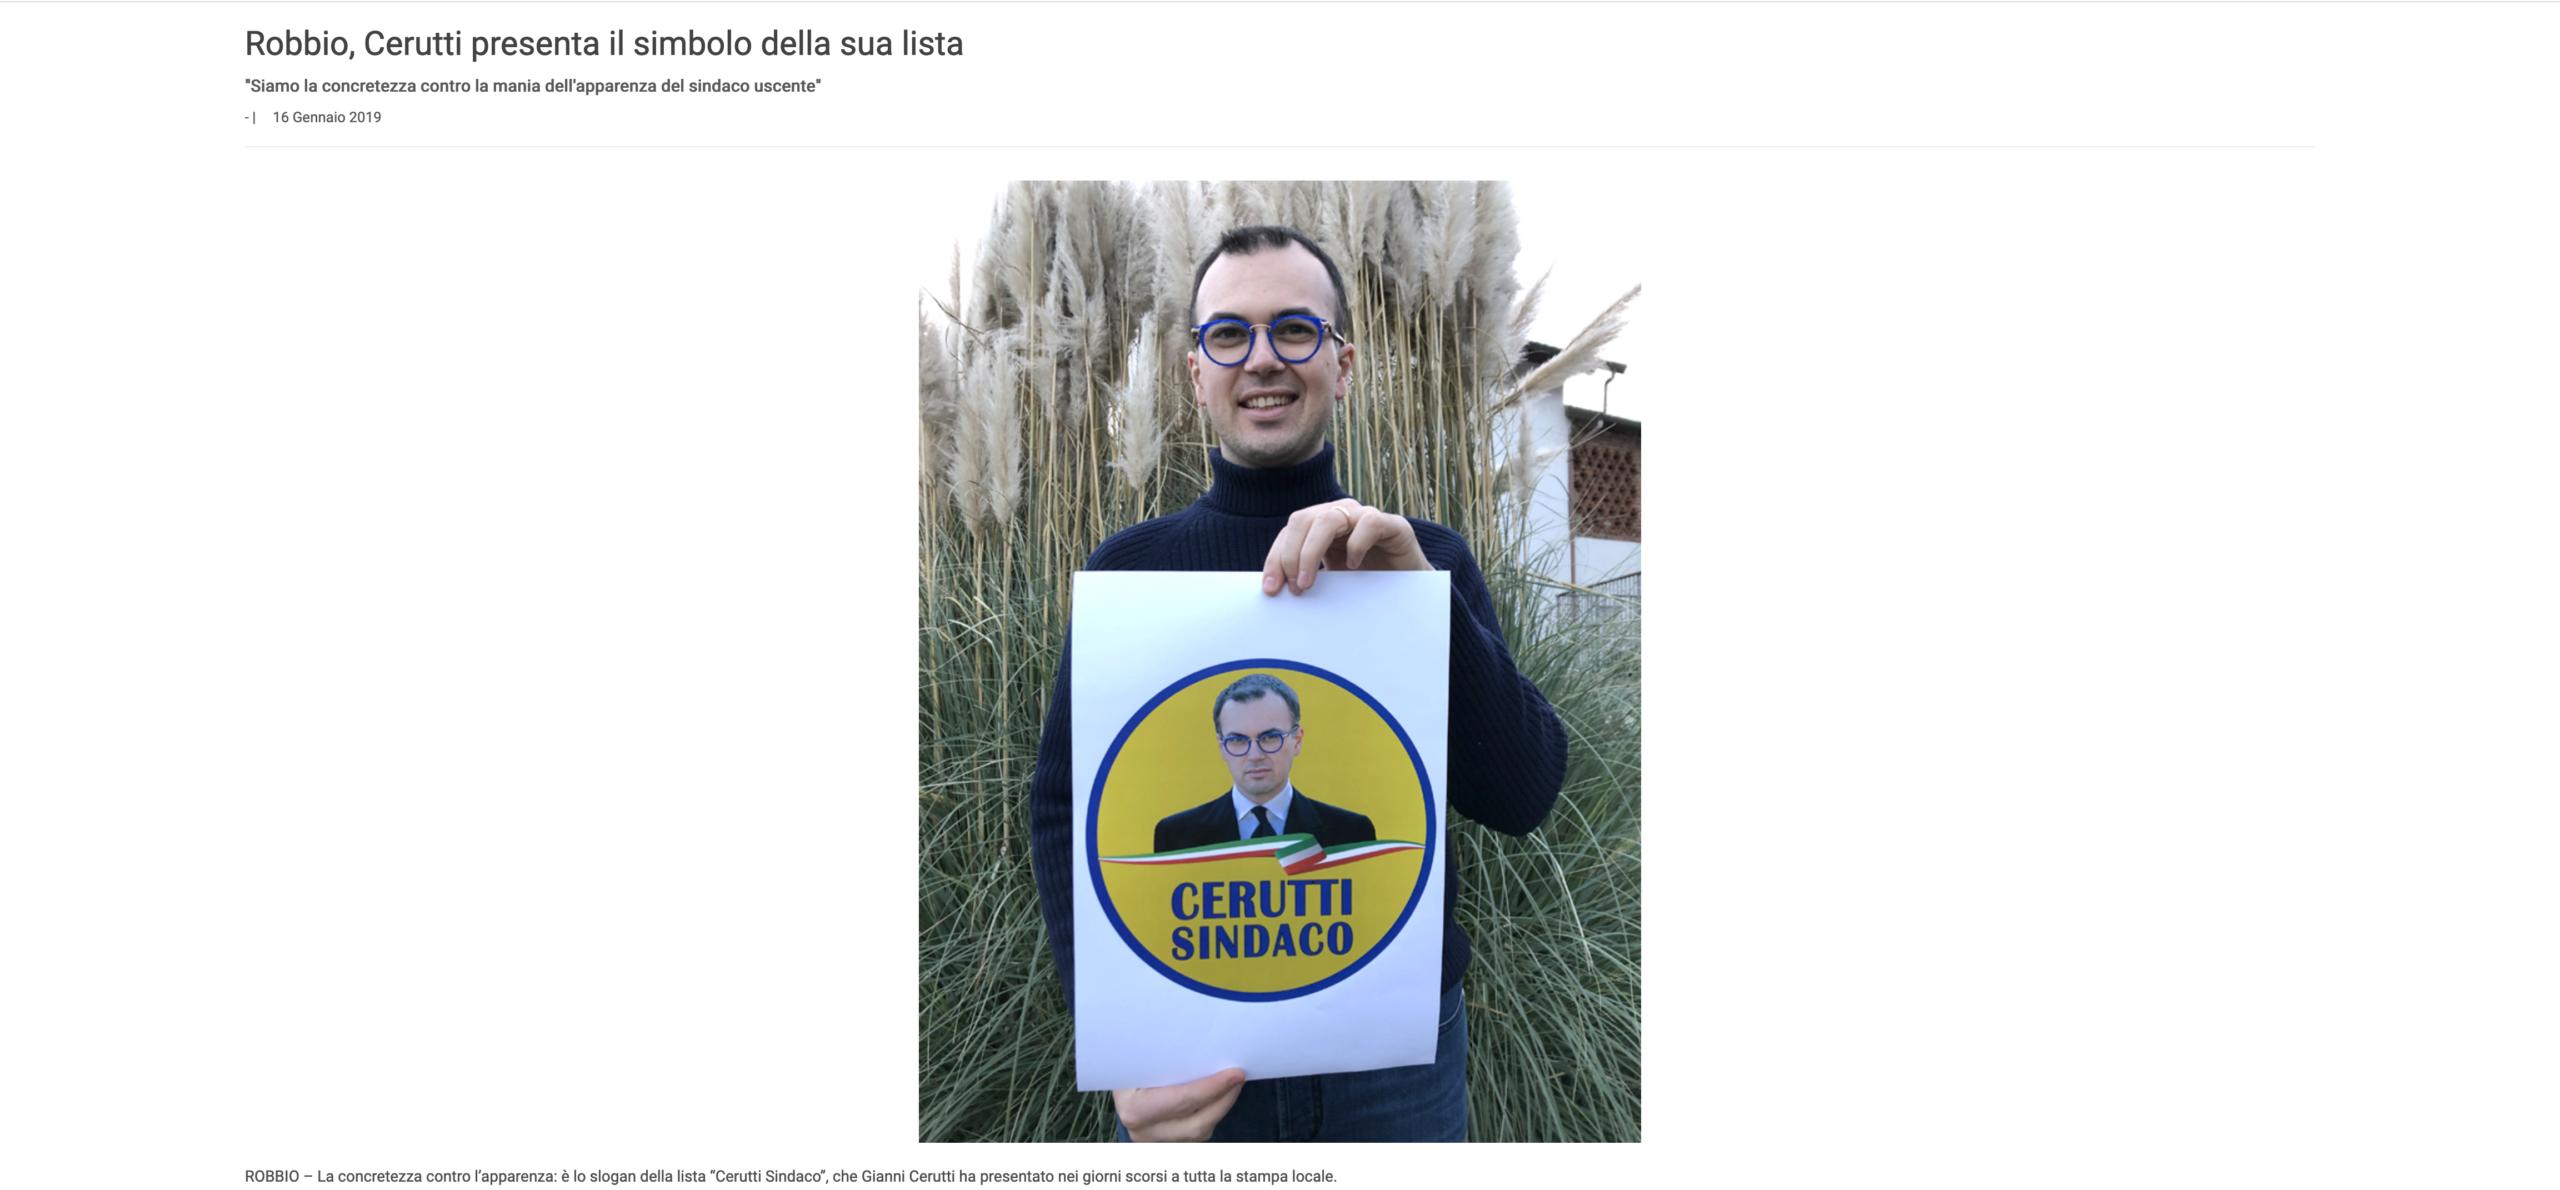 """Votez Gianni! Admirez l'artisanat de l'affiche, réalisée à l'ancienne """"like 100 years ago"""". (Source: ilnuovolomellino)"""